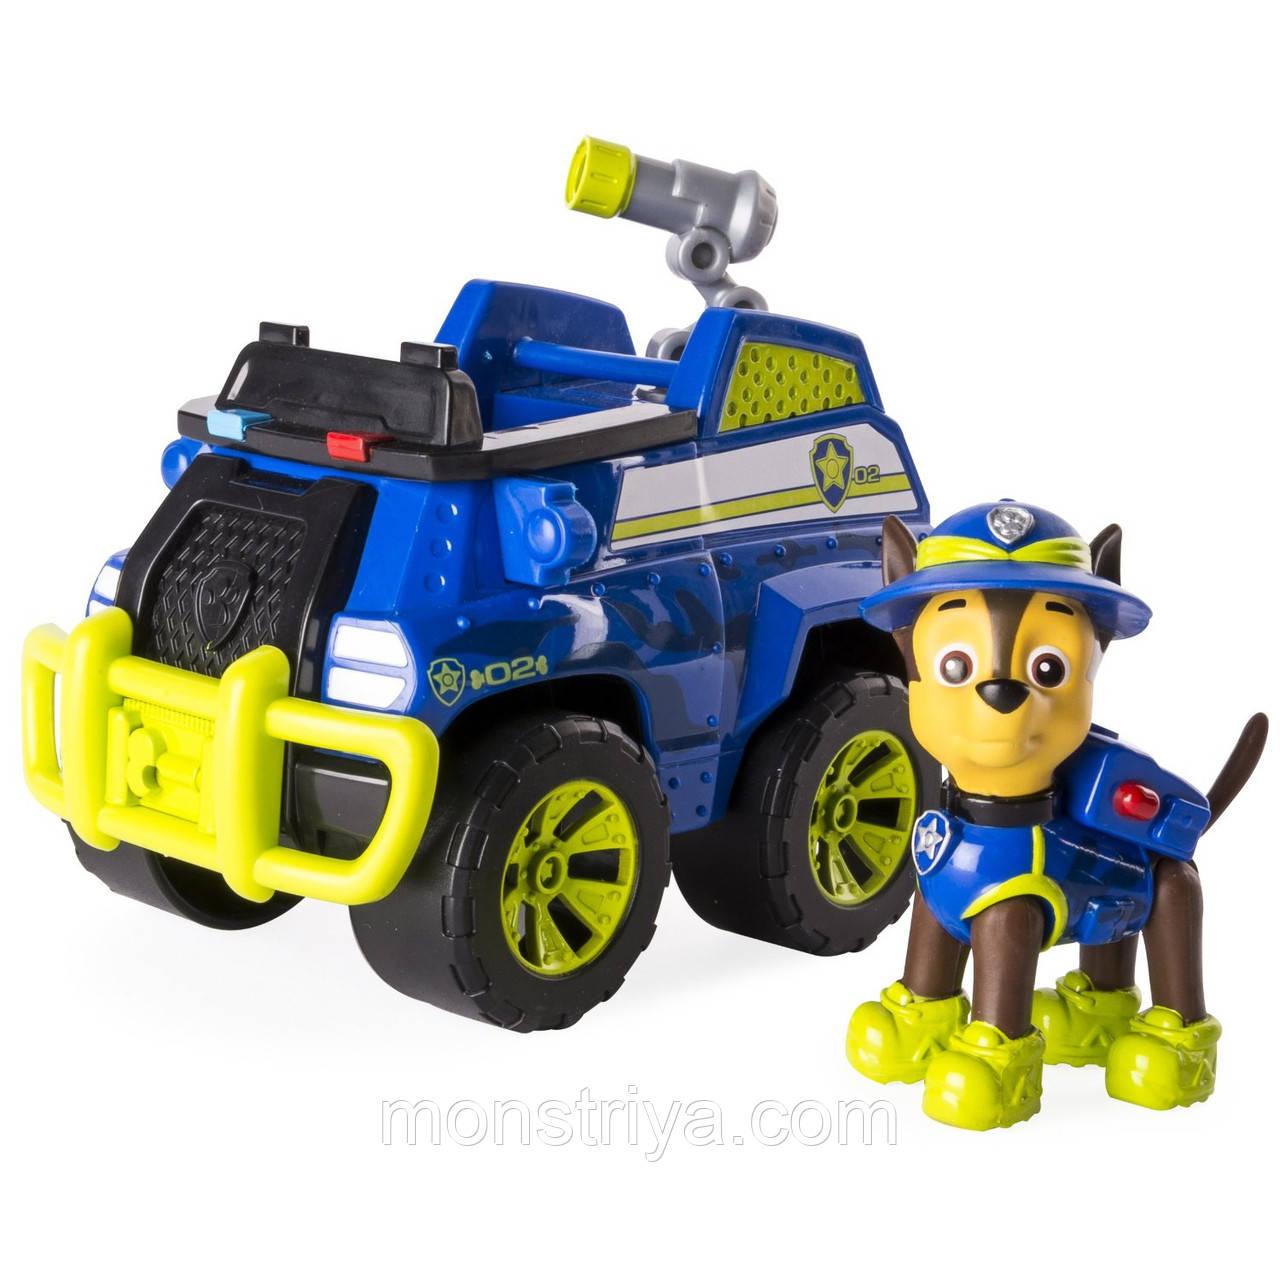 Щенячий патруль Джунгли! Спасатель Чейз с машиной в Джунглях. Paw Patrol Jungle